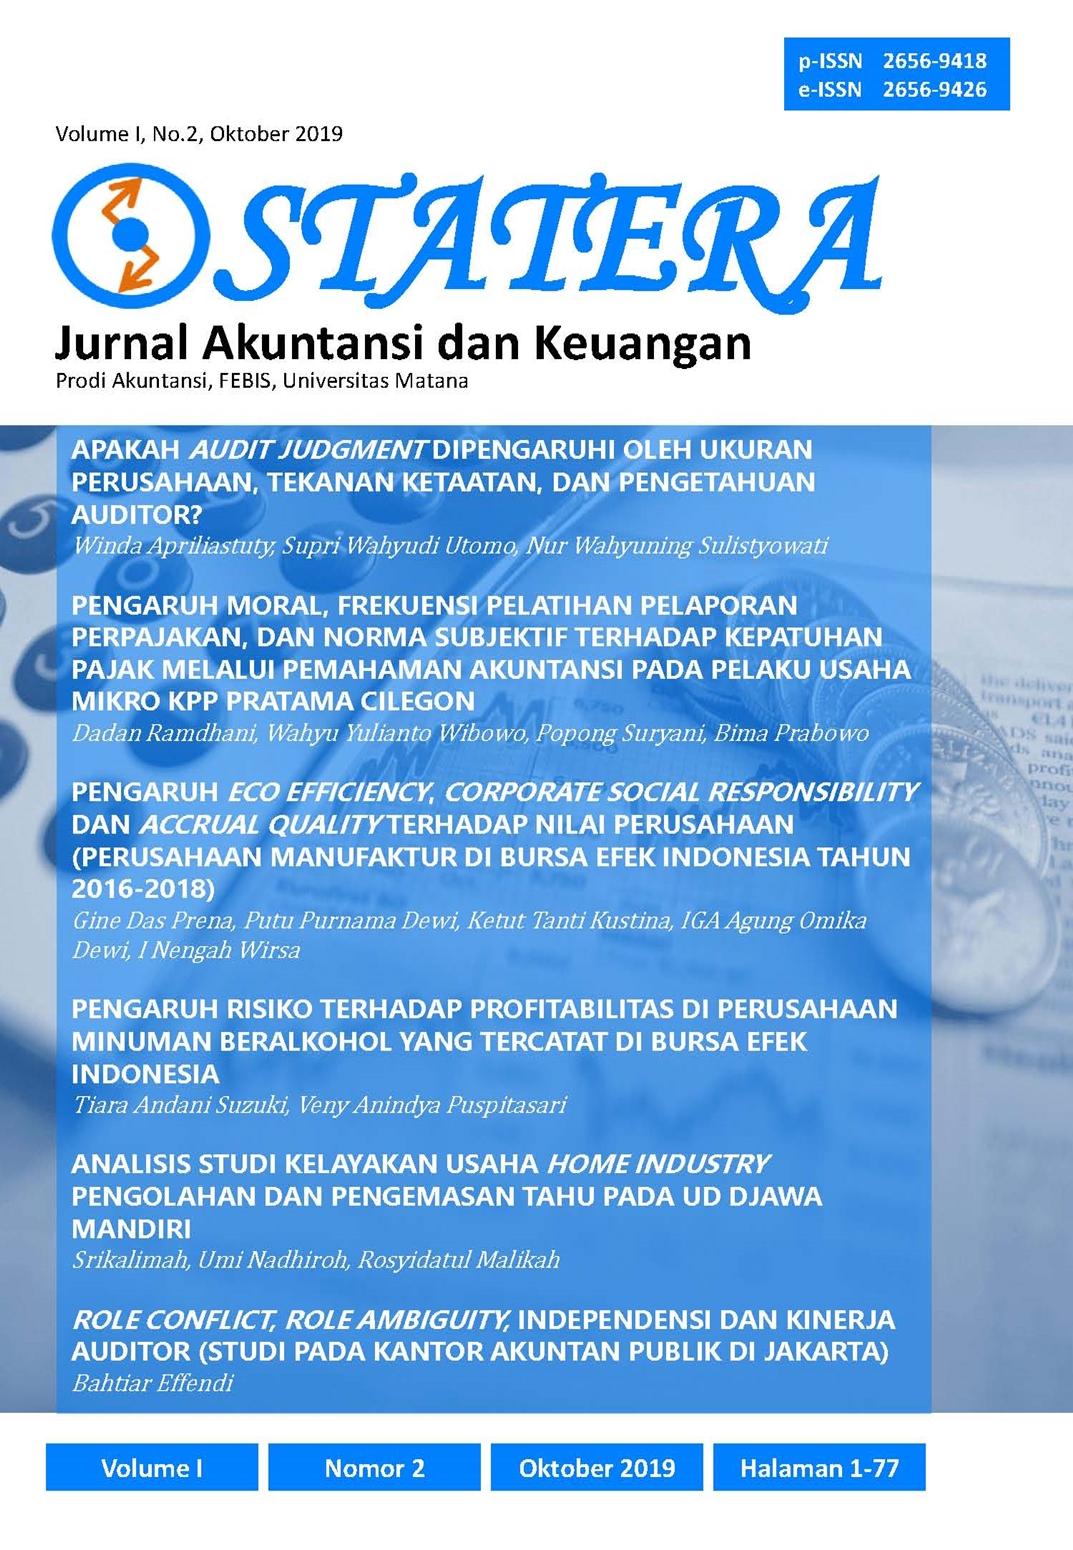 Pengaruh Moral Frekuensi Pelatihan Pelaporan Perpajakan Dan